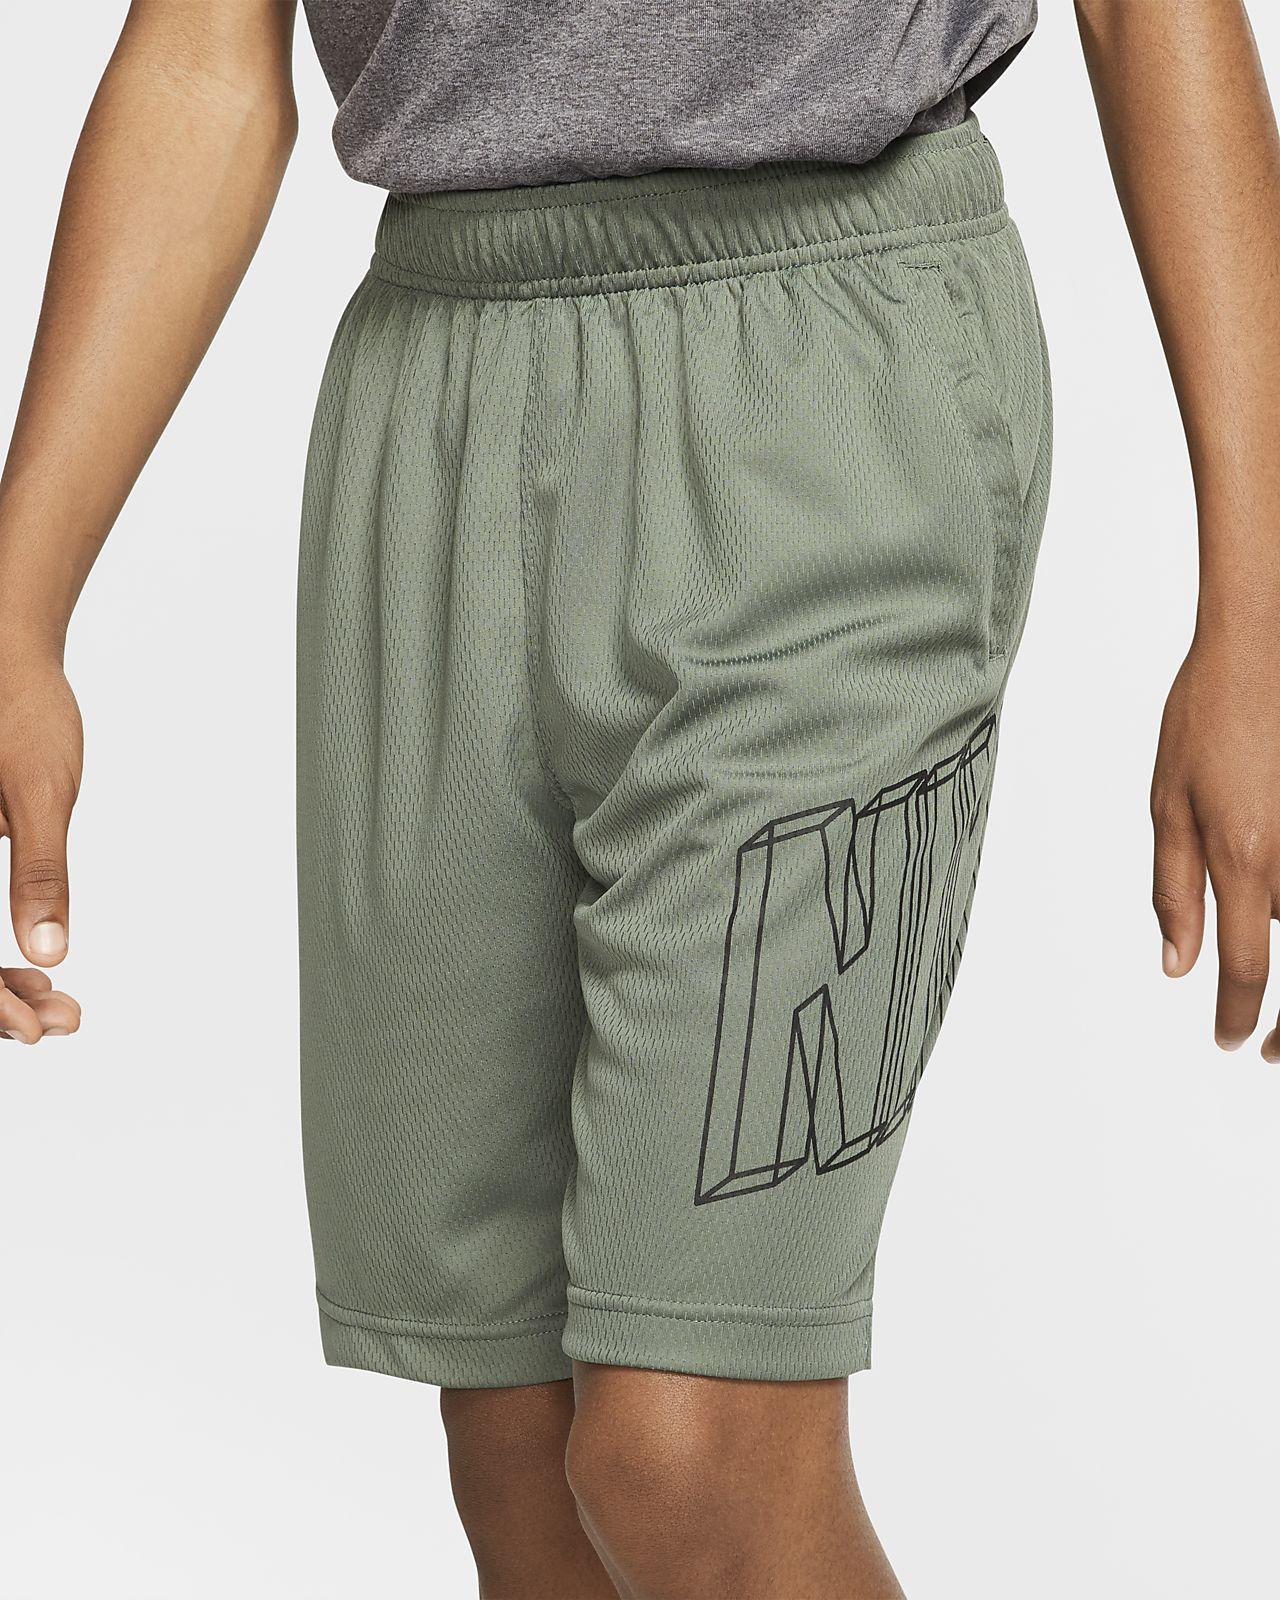 Chlapecké tréninkové kraťasy Nike Dri-FIT s grafickým motivem